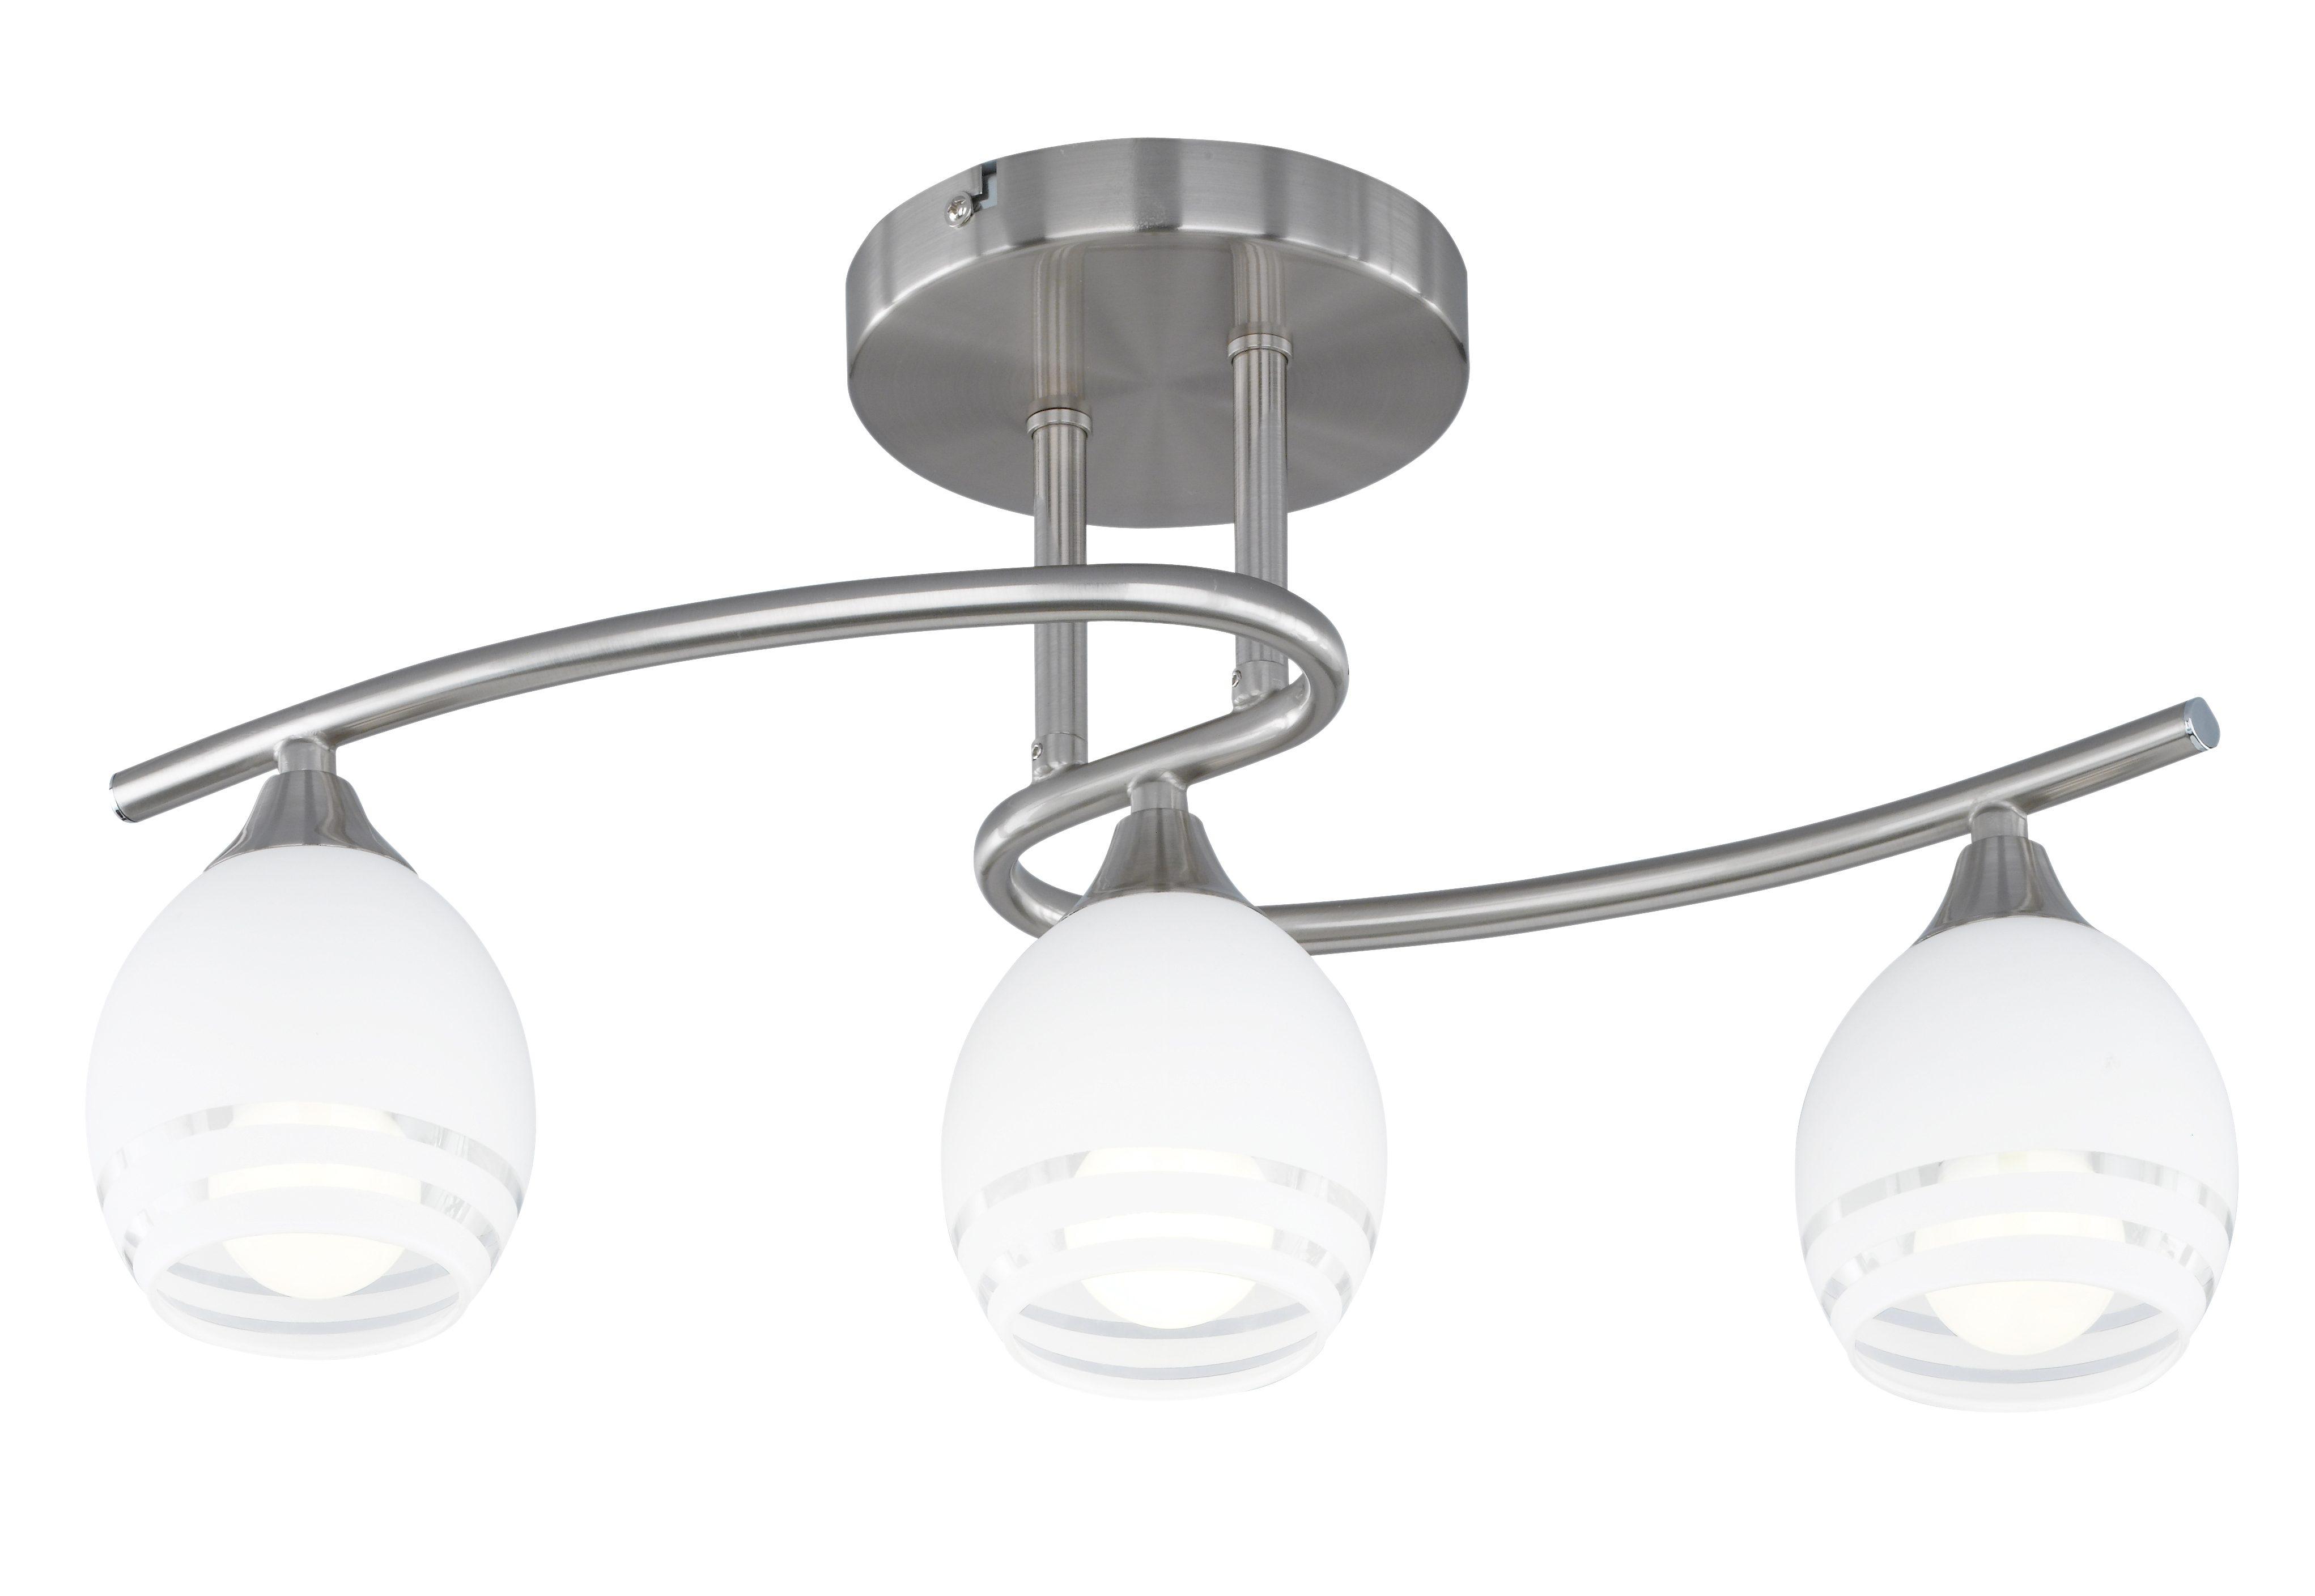 TRIO Leuchten Deckenleuchte Curva, E14, Deckenlampe, Leuchtmittel tauschbar